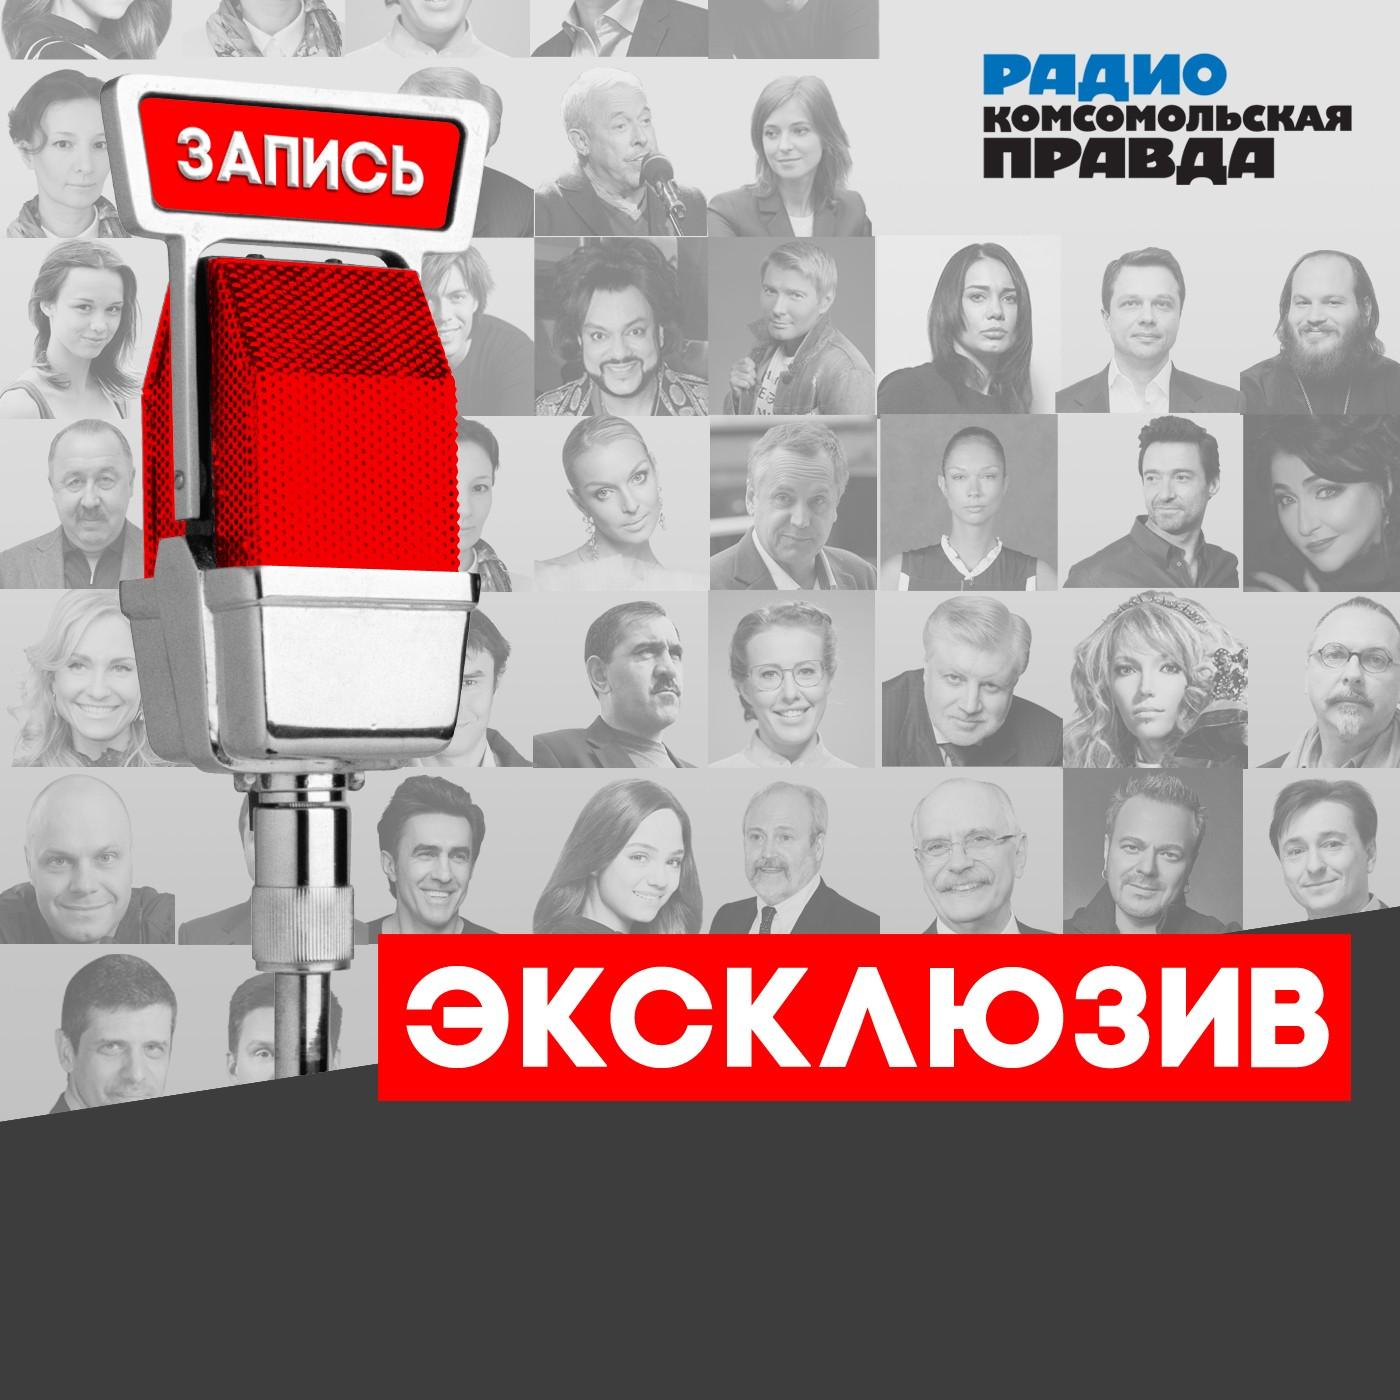 Радио «Комсомольская правда» Рената Литвинова о конкурсе «Минута славы»: «Очень больно вычеркивать тех, кого хотел бы наблюдать дальше»